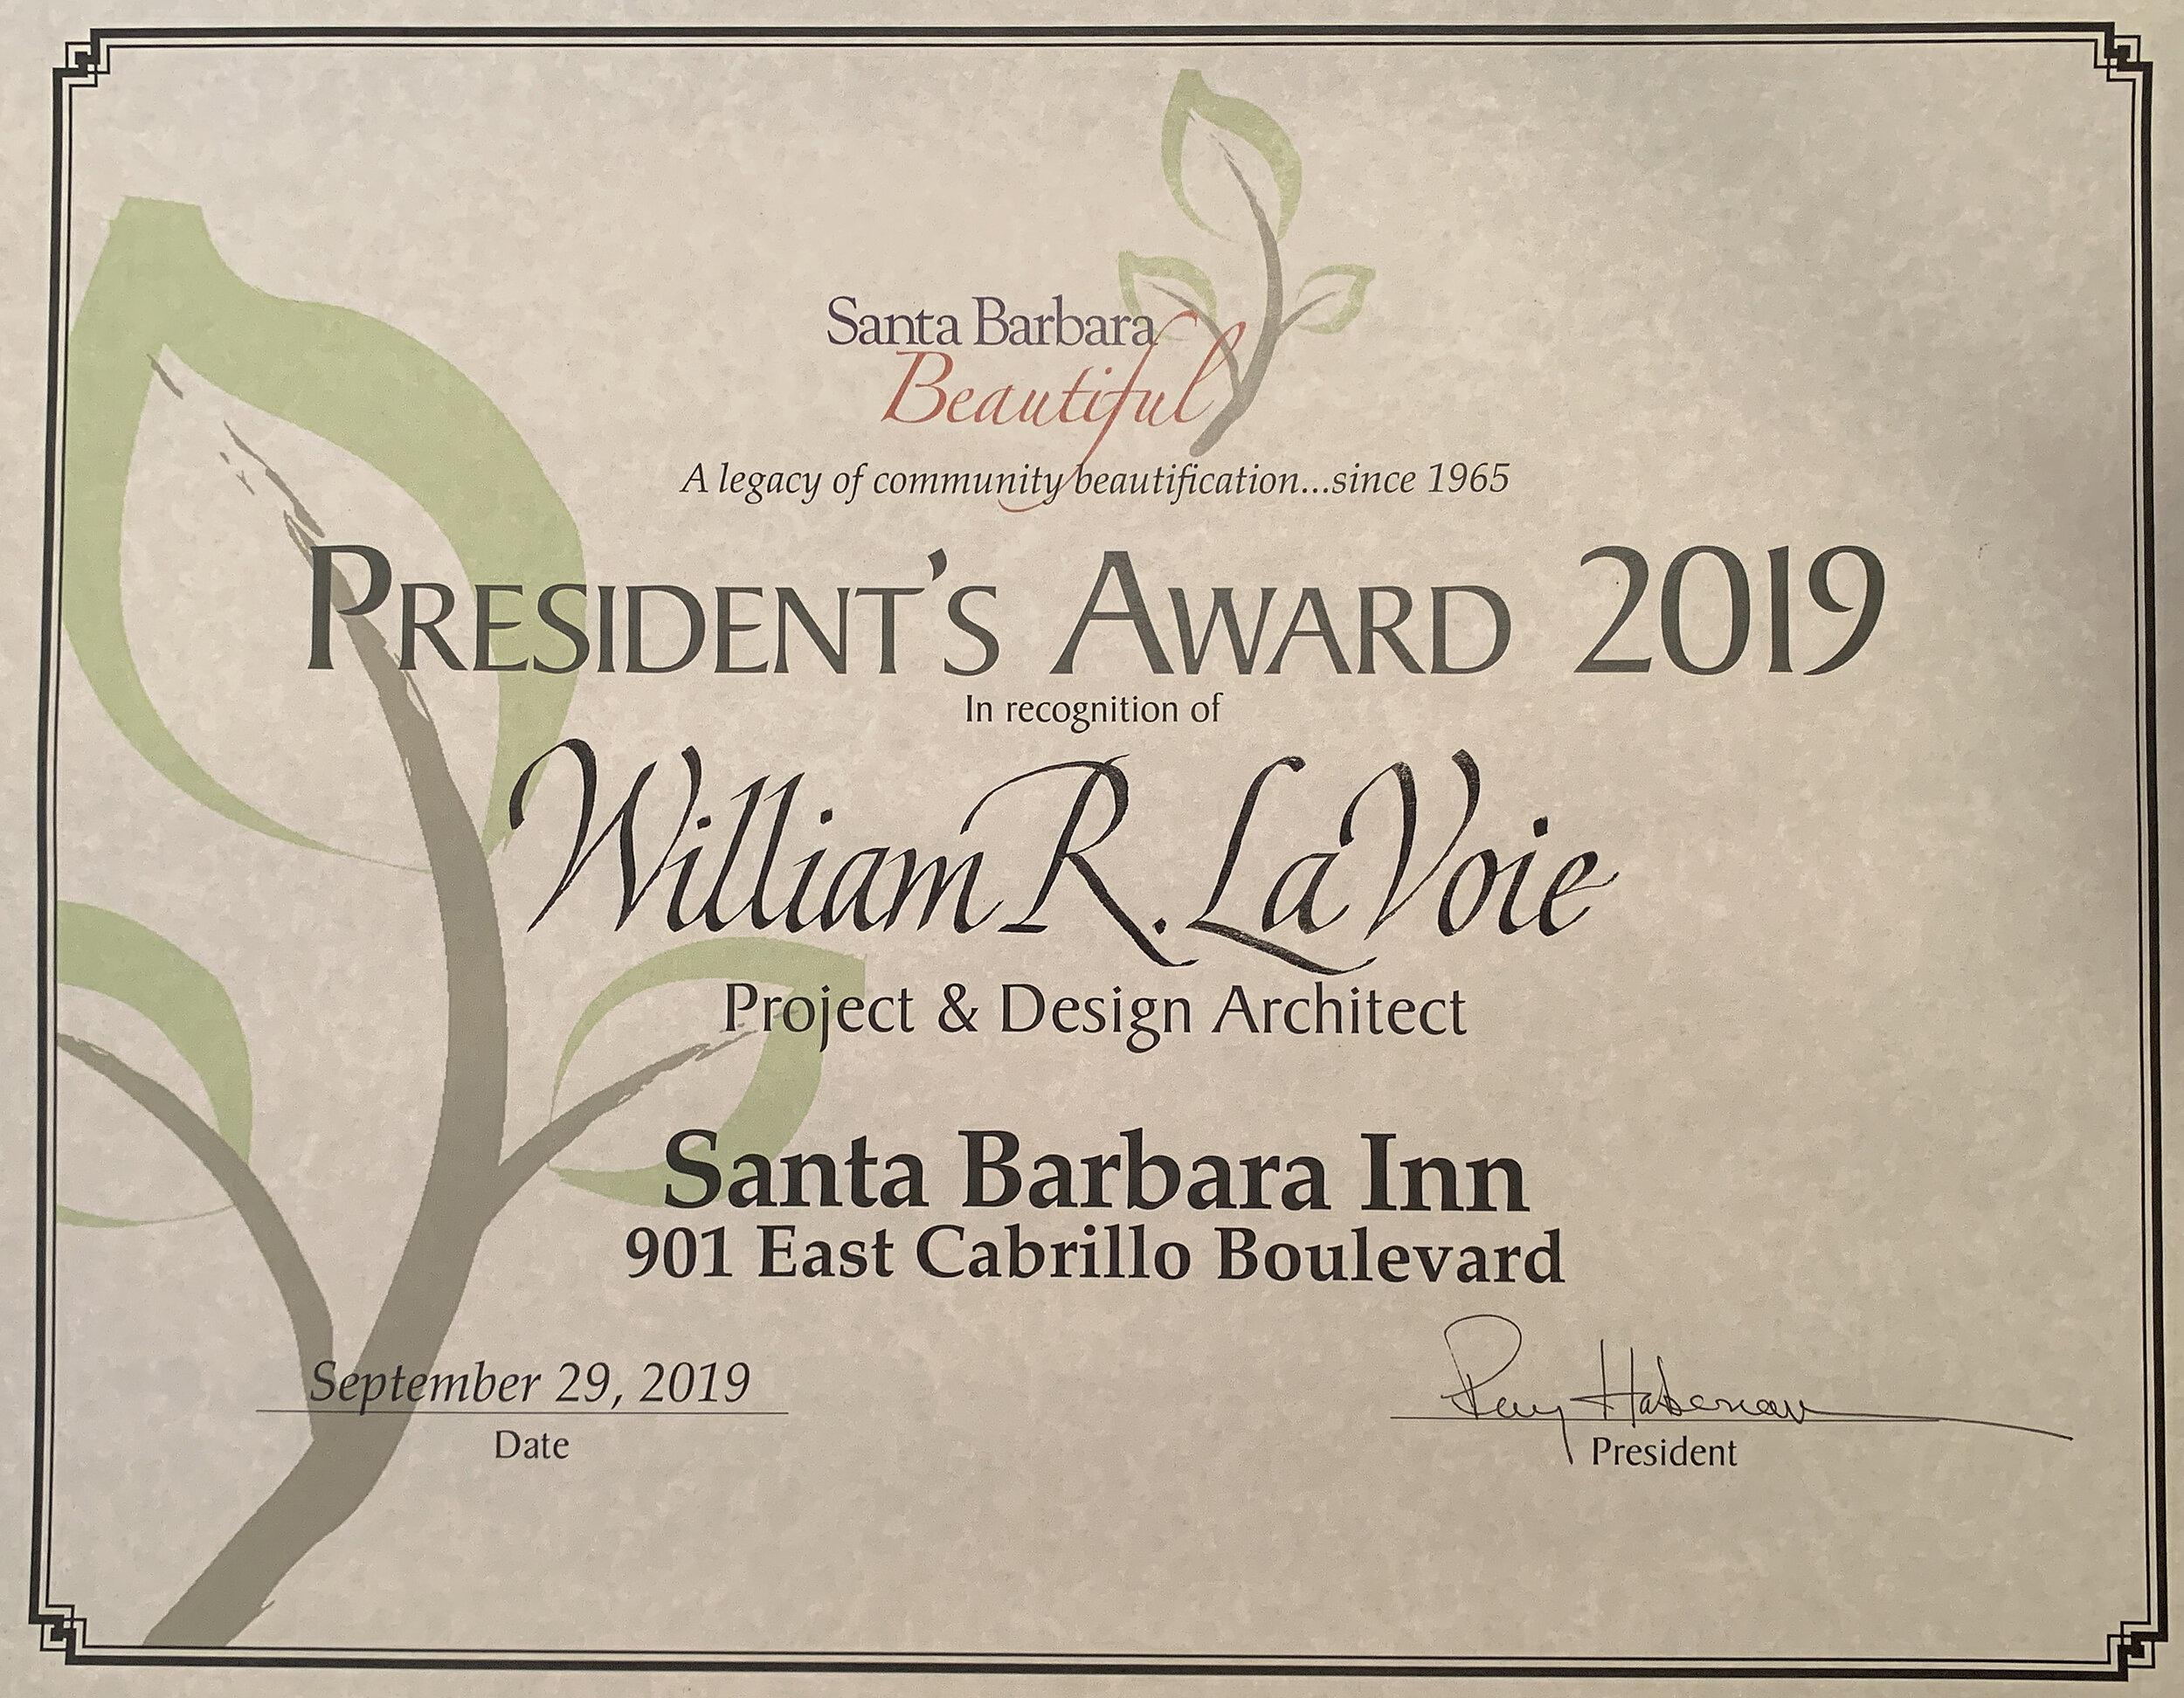 Santa Barbara Beautiful President's Award 2019.jpg